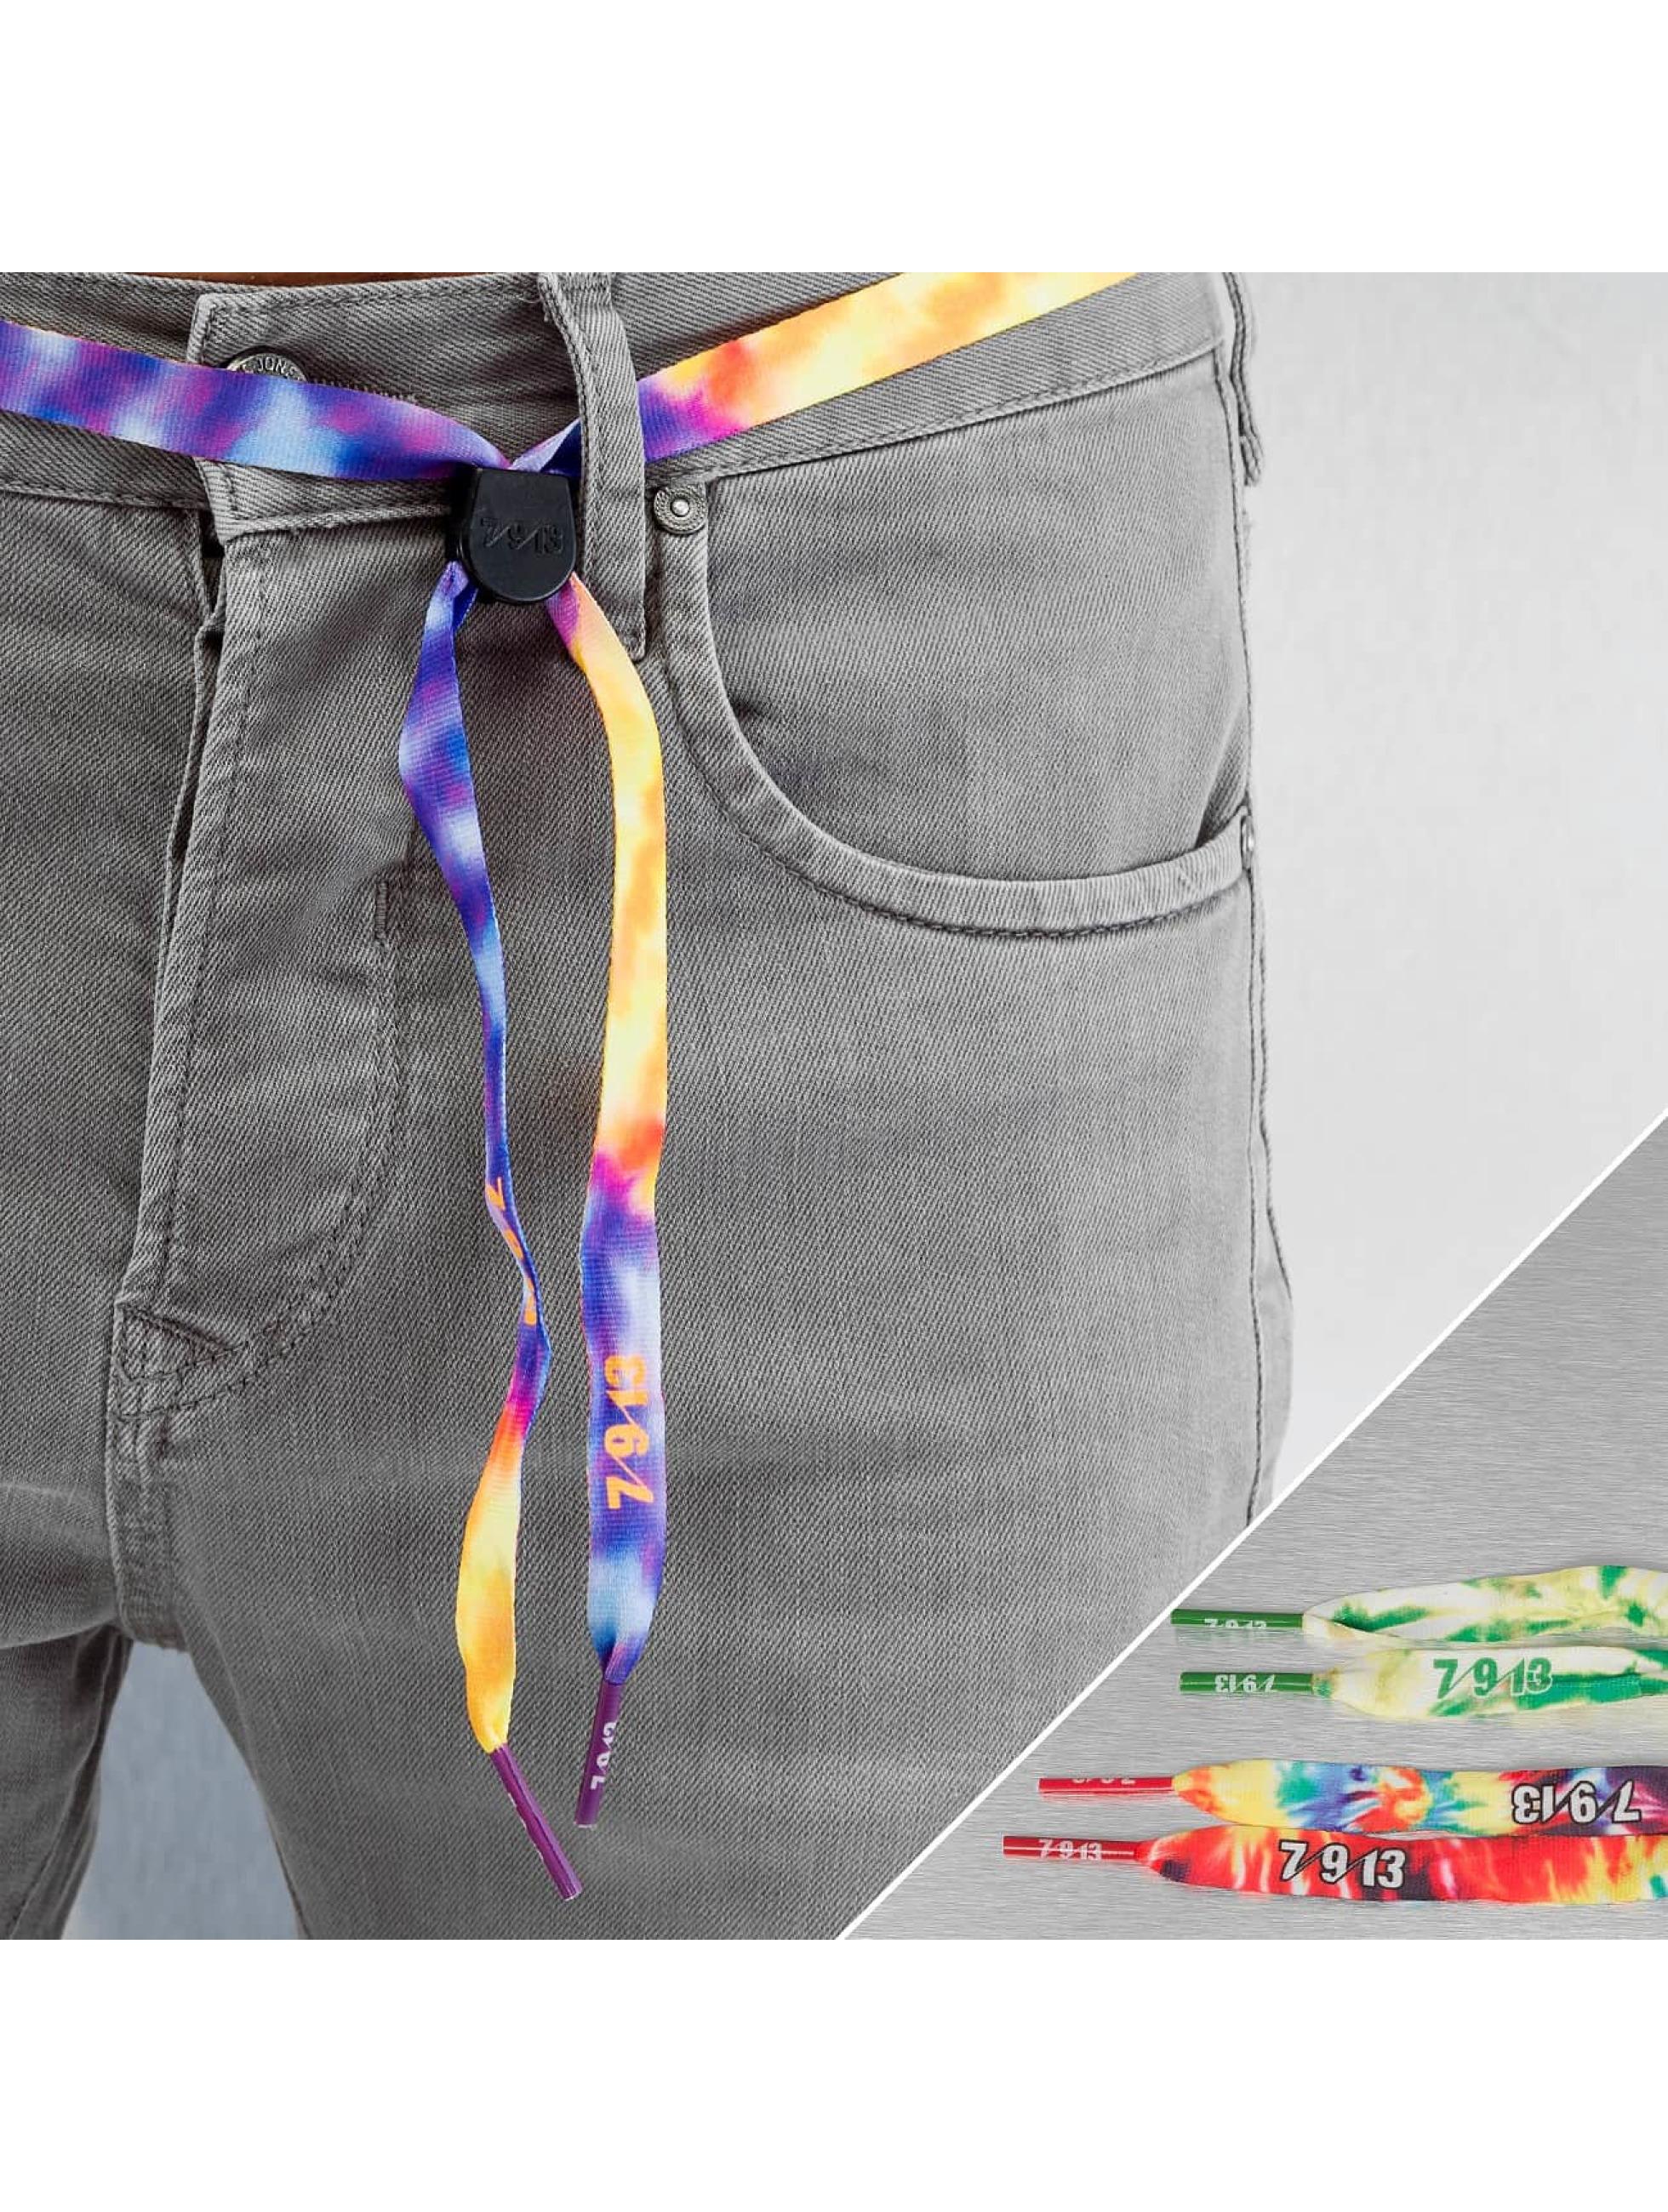 Seven Nine 13 Belt Hippie Too 3er Packs colored